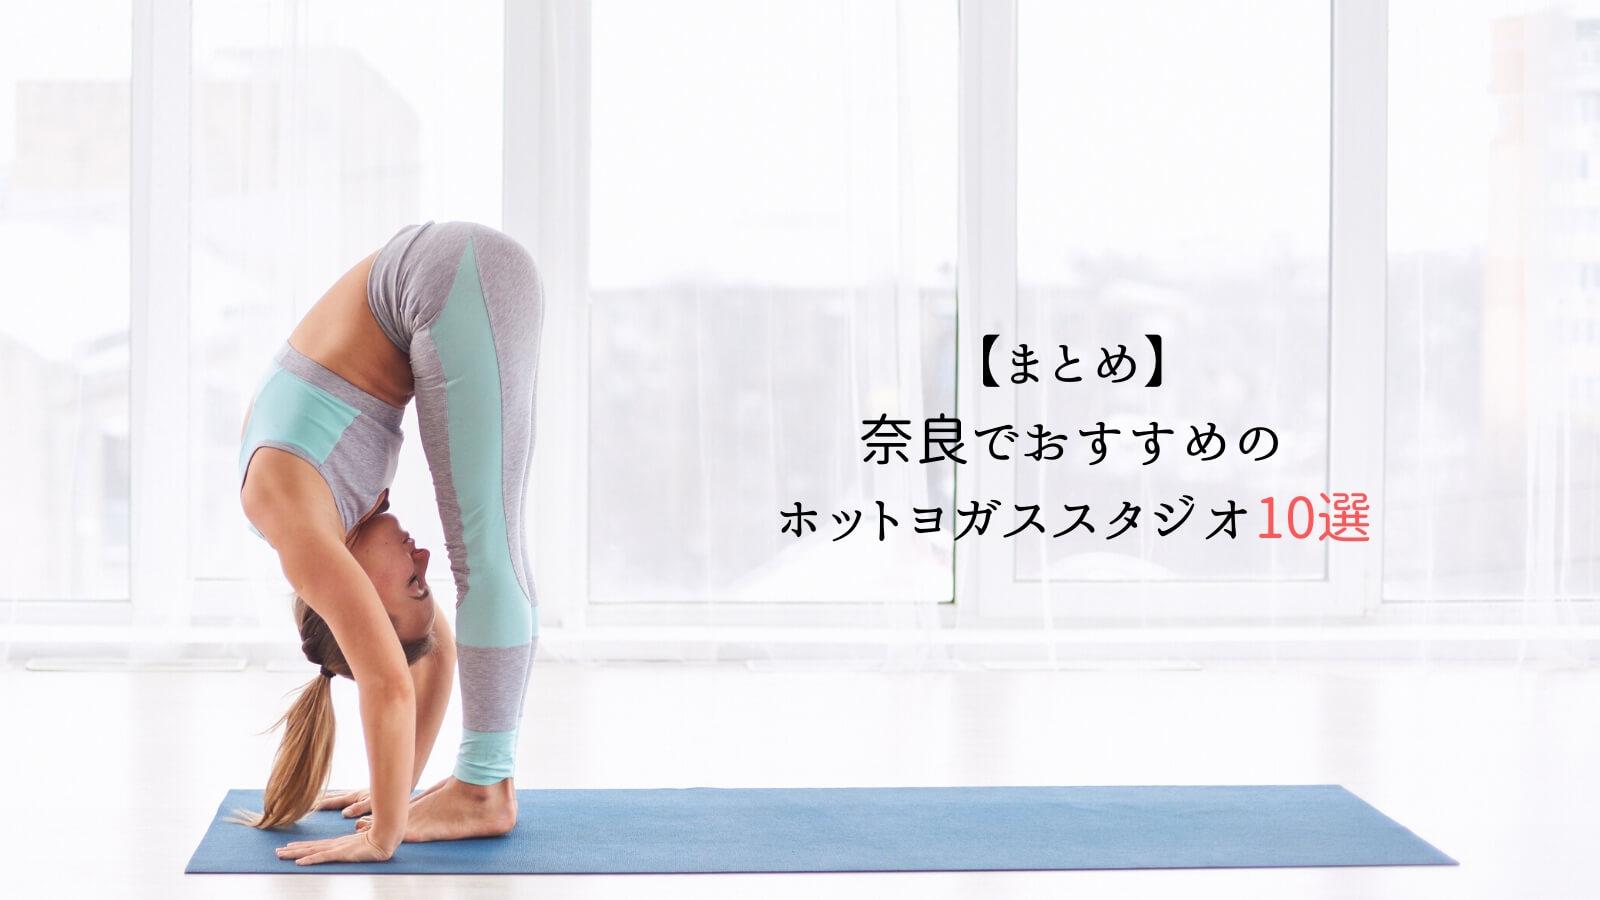 【まとめ】奈良でおすすめのホットヨガスタジオ10選